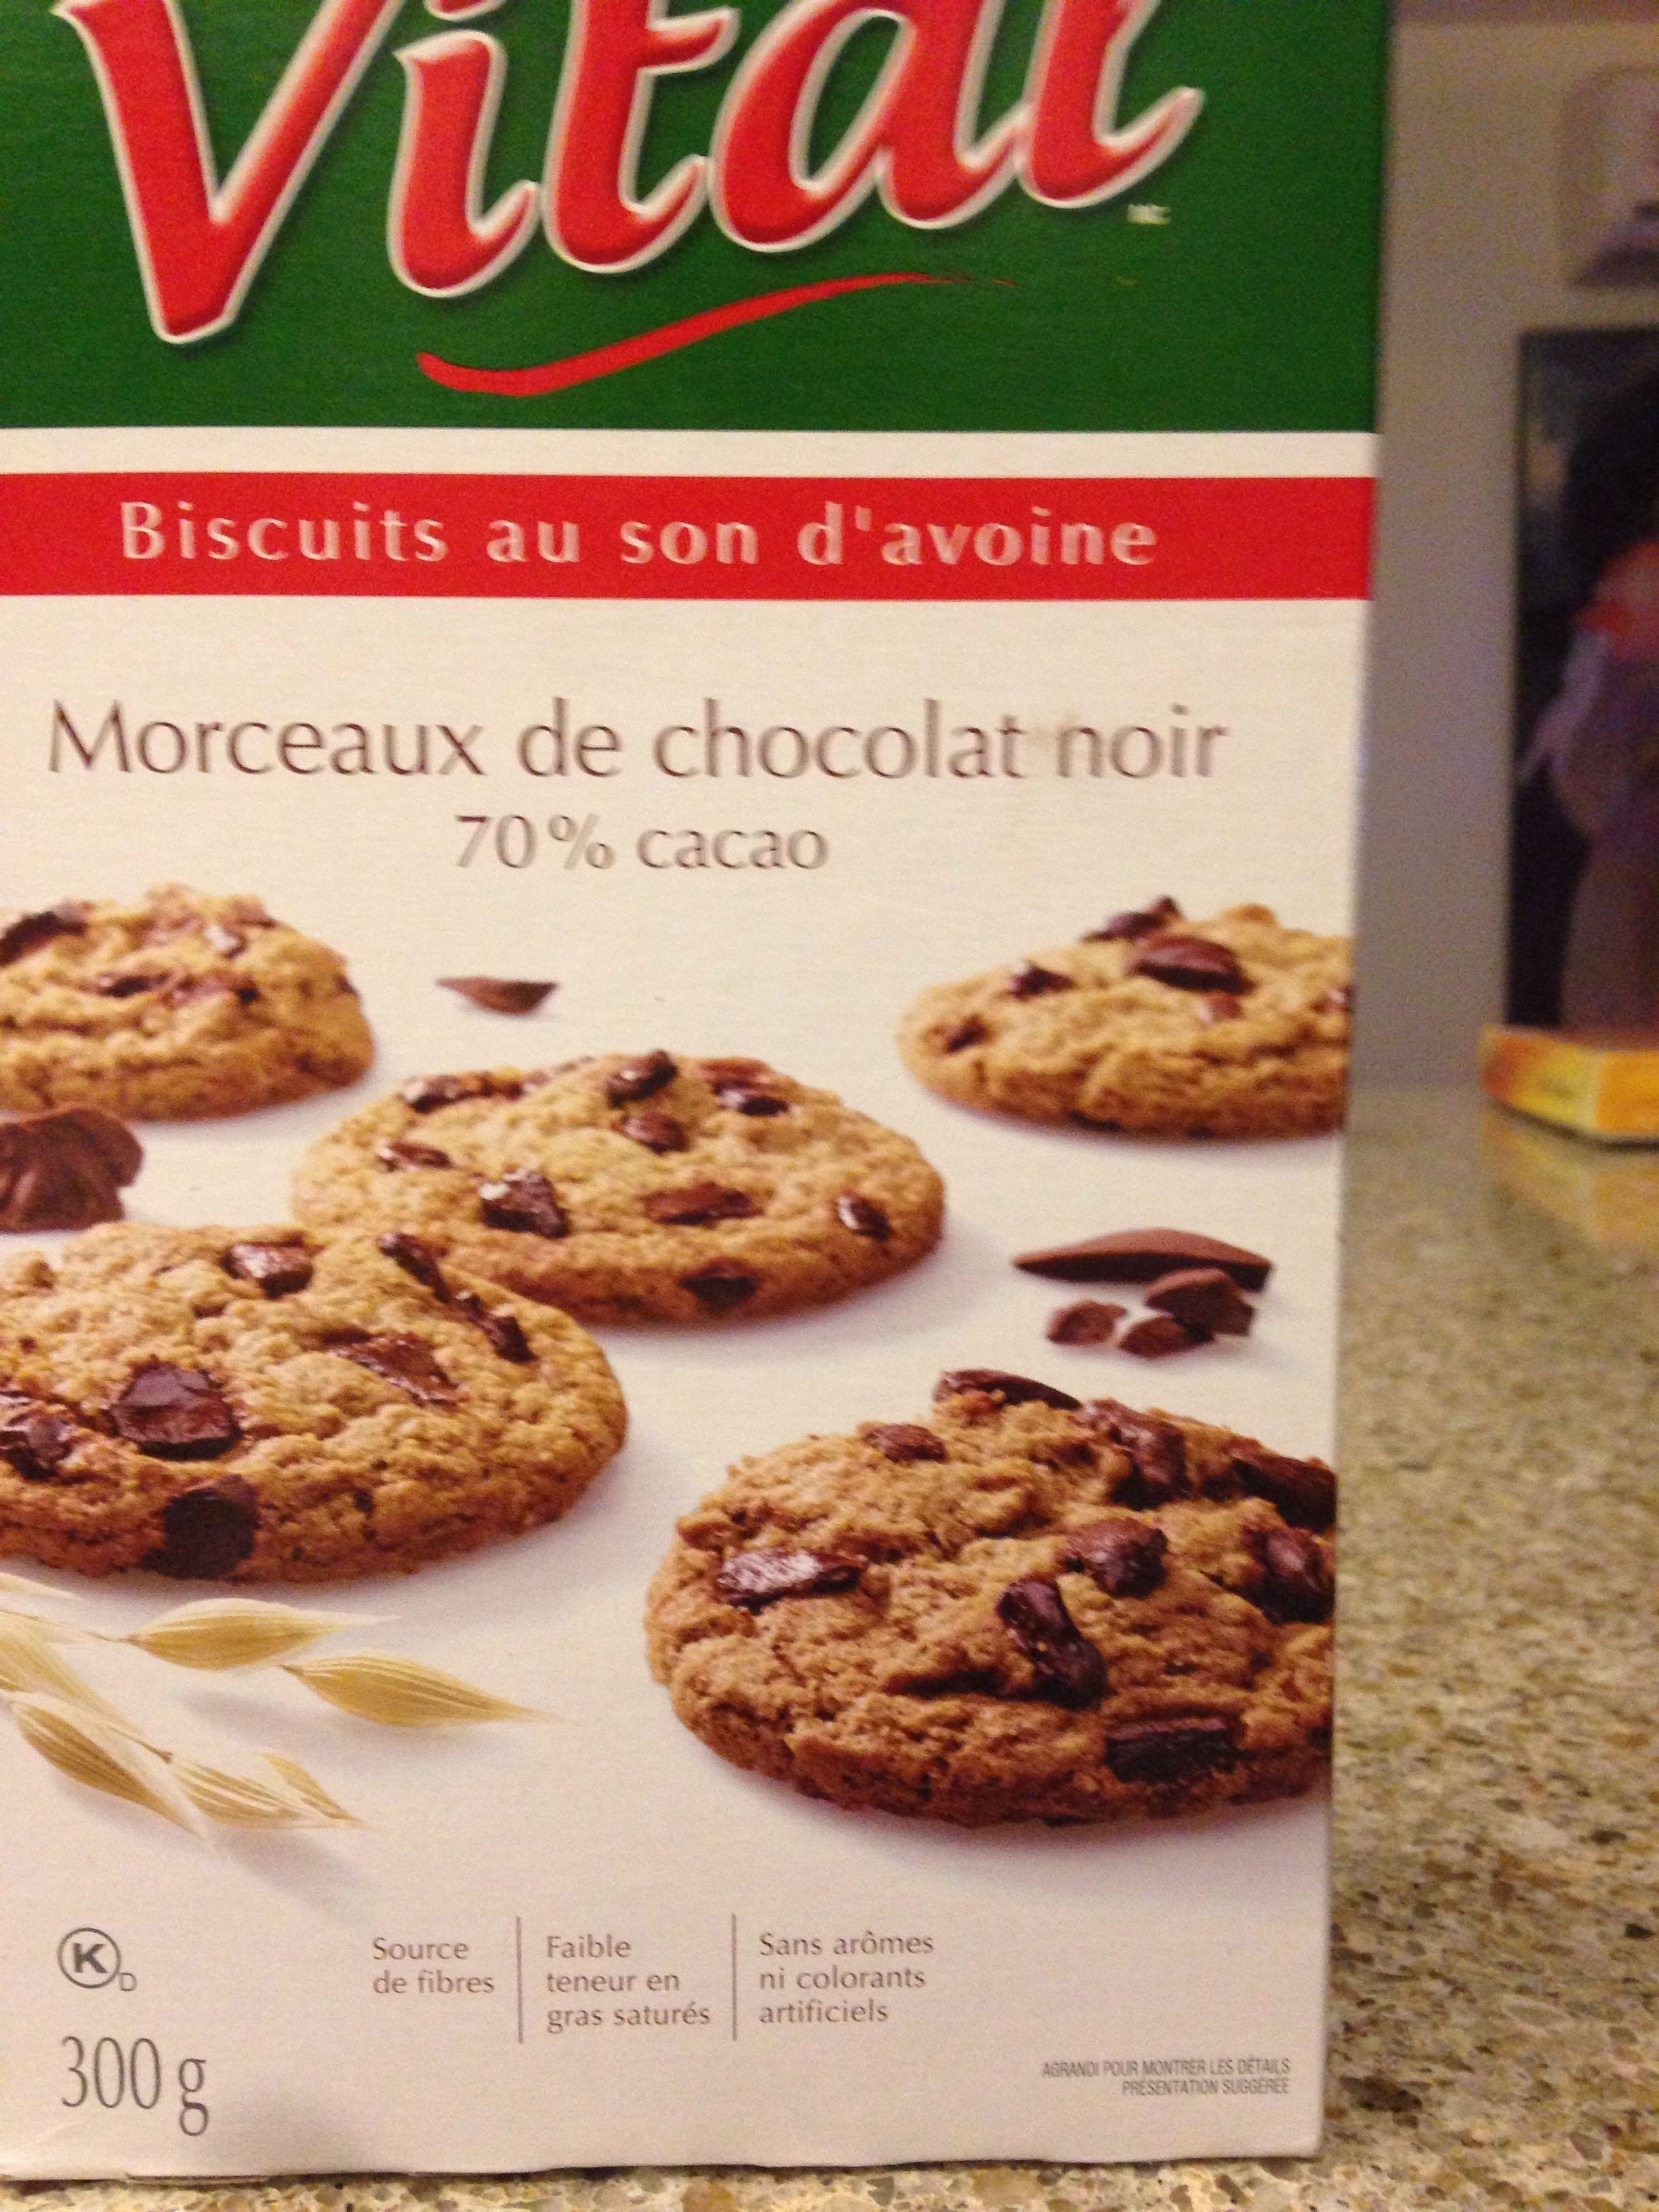 Biscuits au son d'avoine chocolat noir - Product